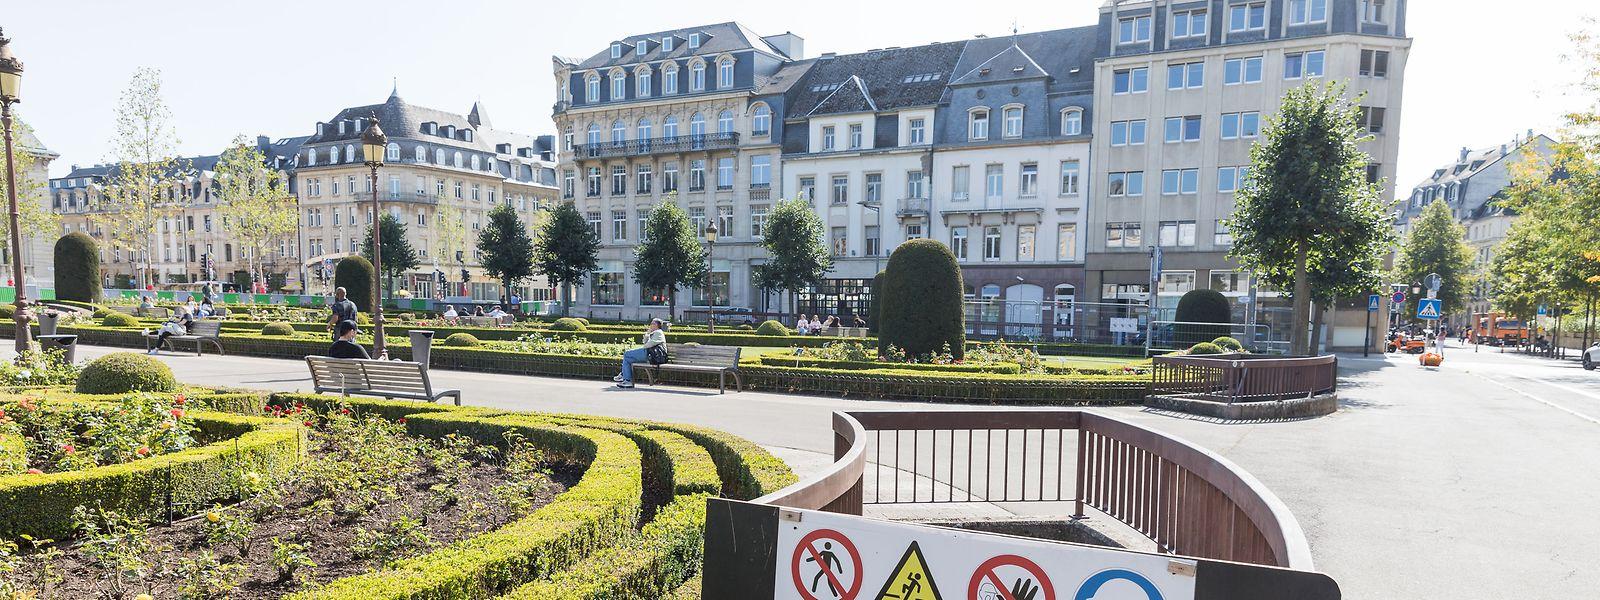 Im September 2019 fingen mehrere Autos im Parking Rousegäertchen Feuer. Seither ist die Tiefgarage unbenutzbar.